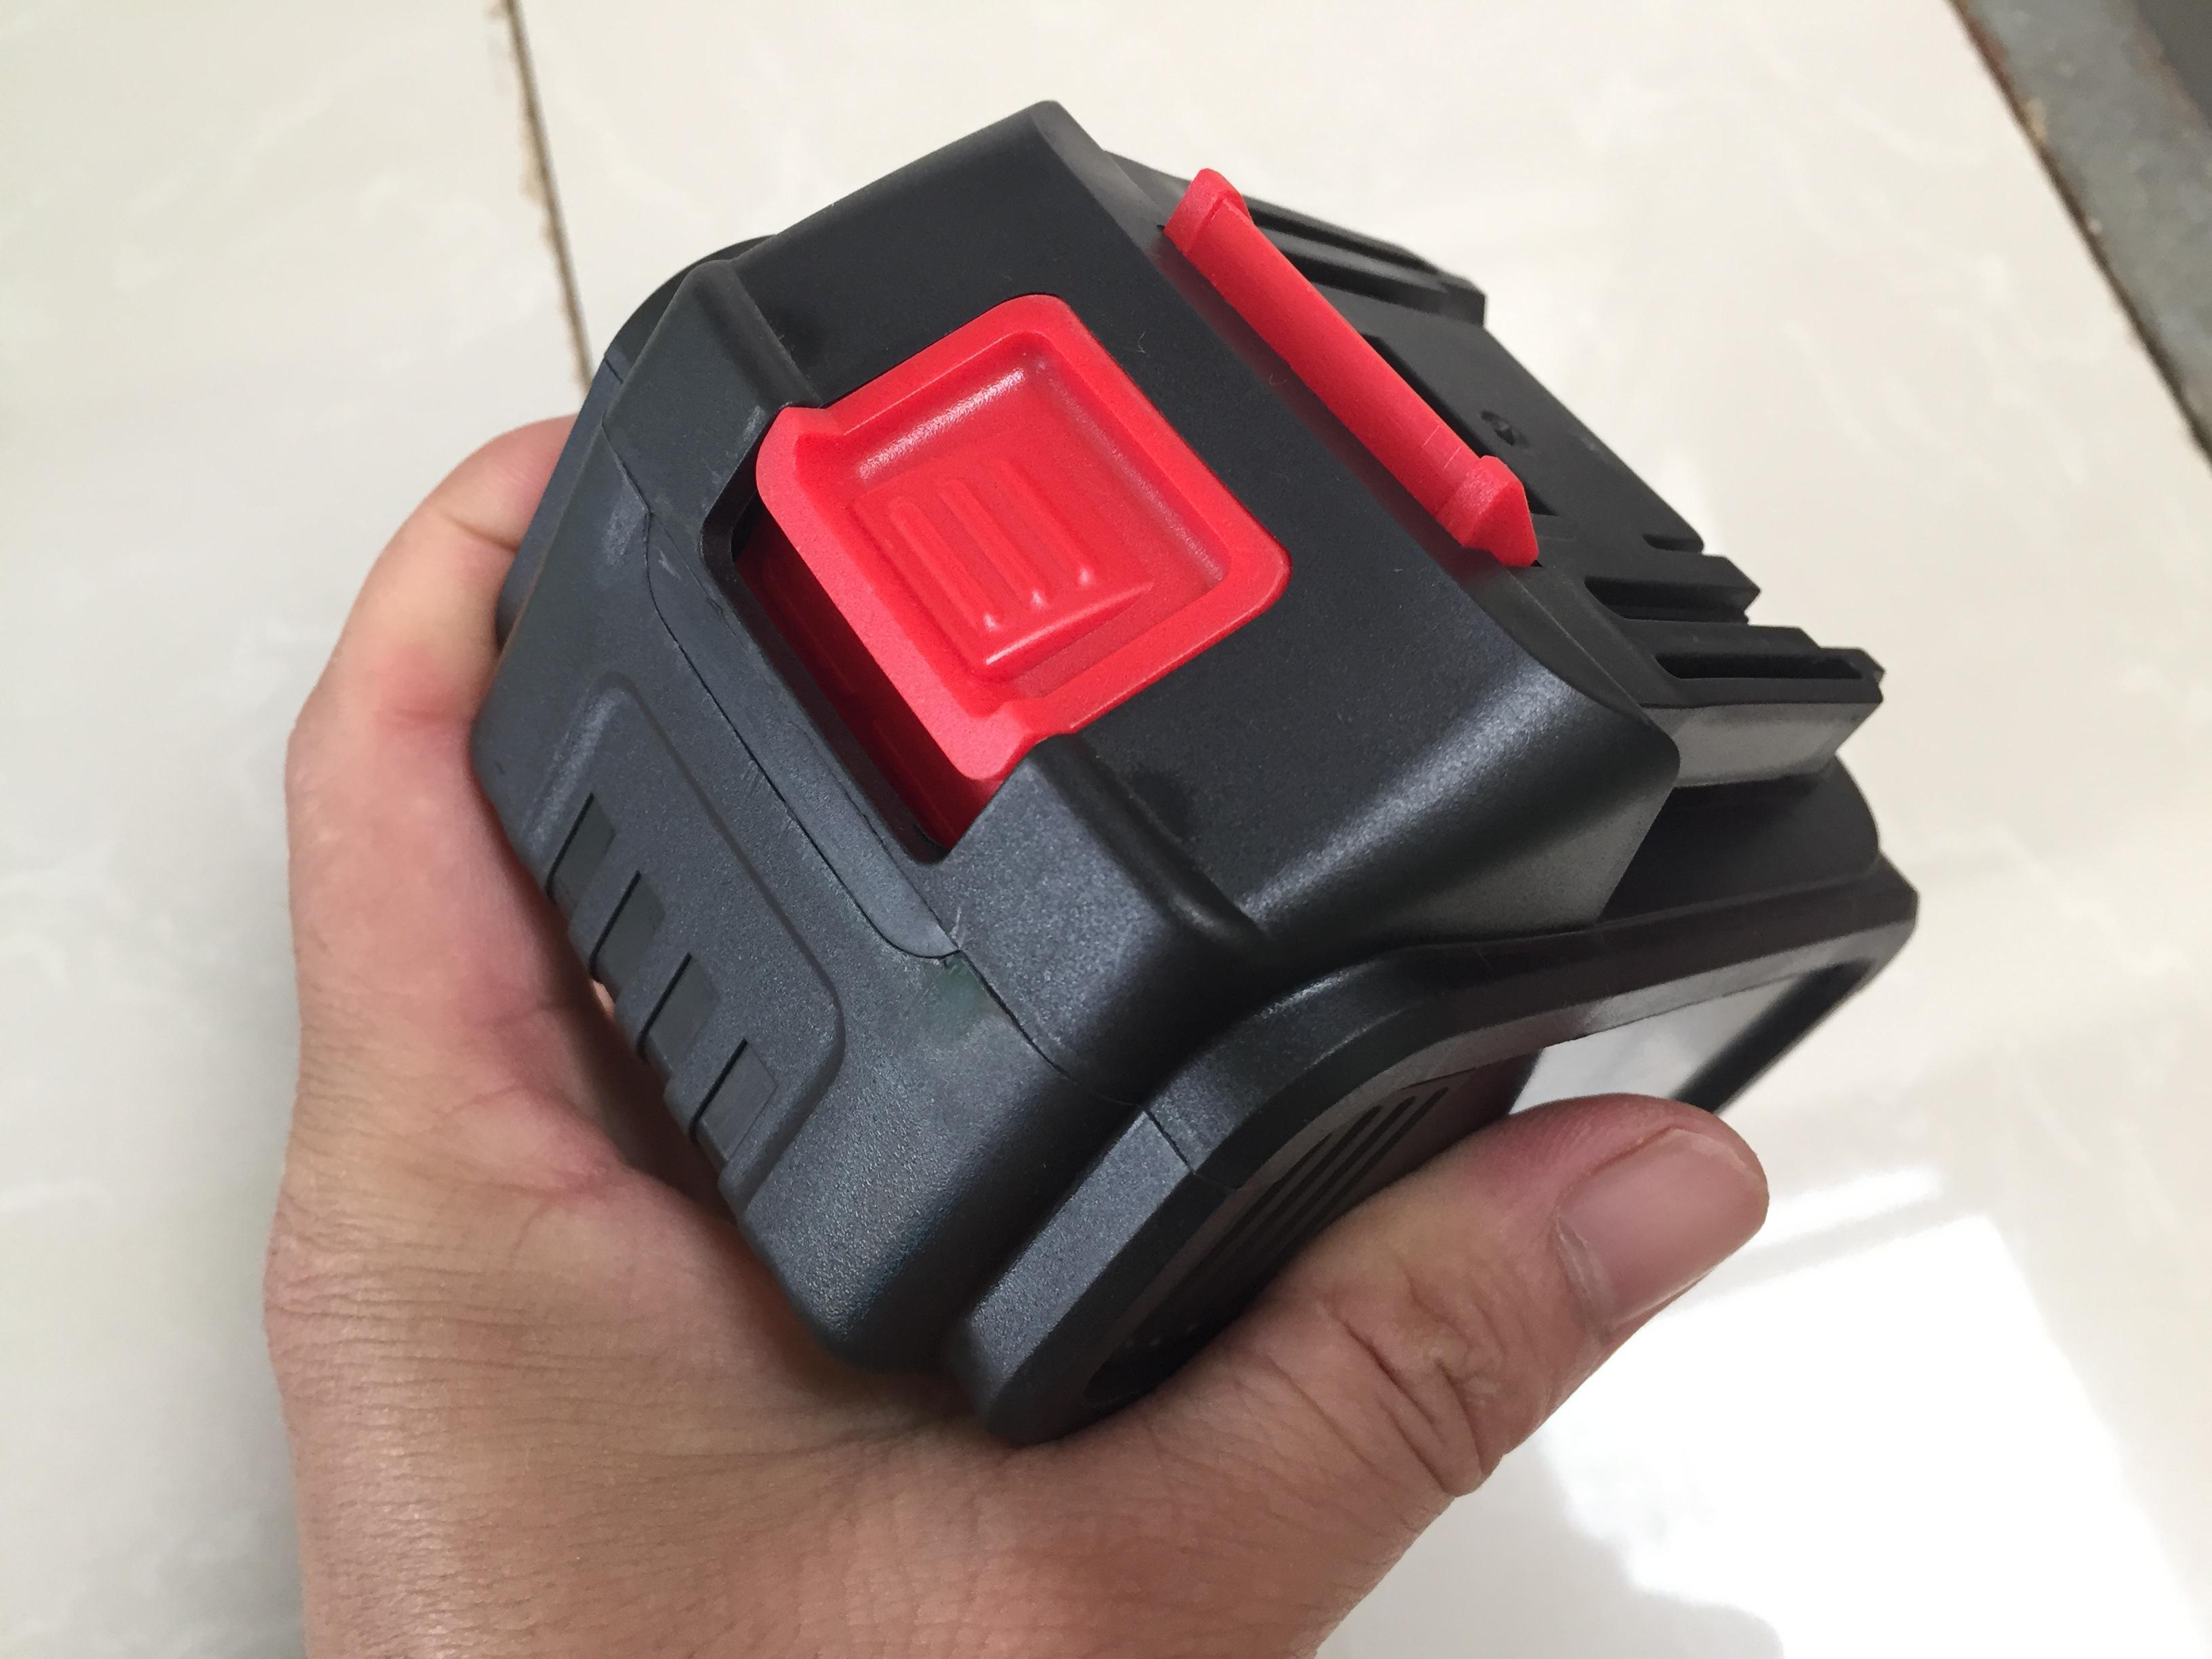 Pin Makita 18V 5A Được Làm Từ Pin Lishen Mới